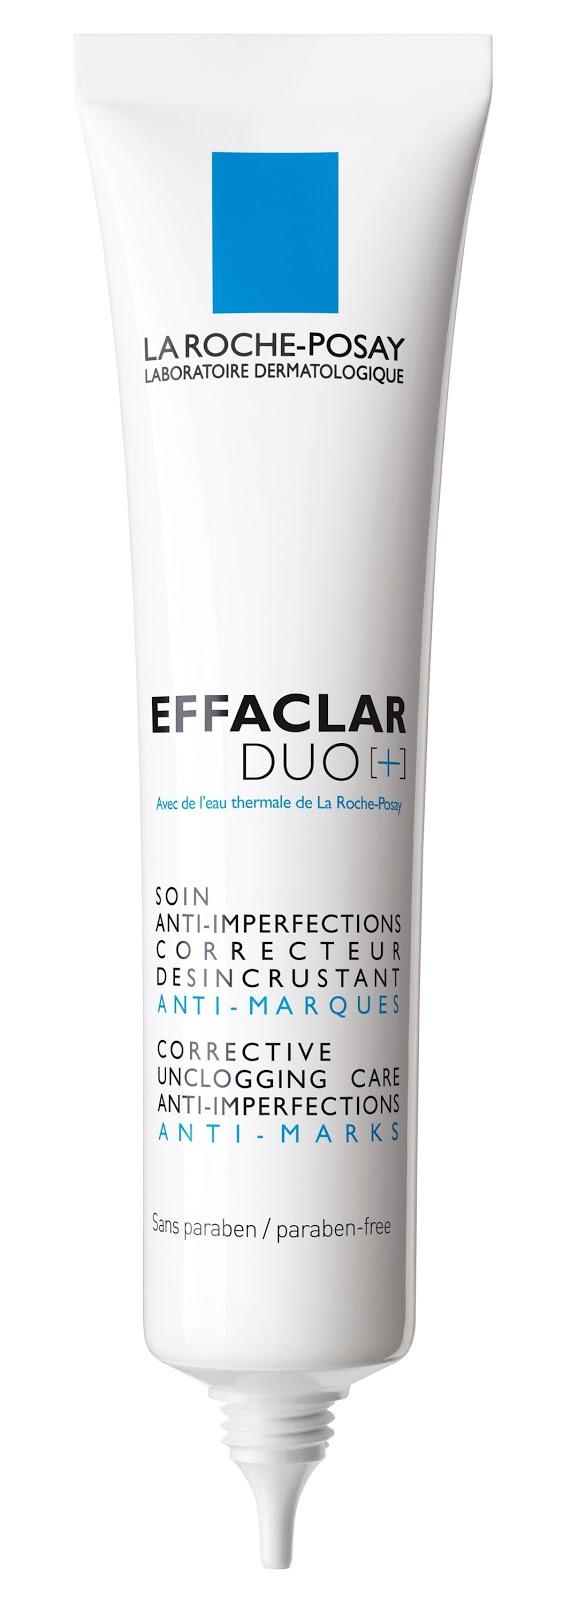 La Roche Posay Effaclar Duo